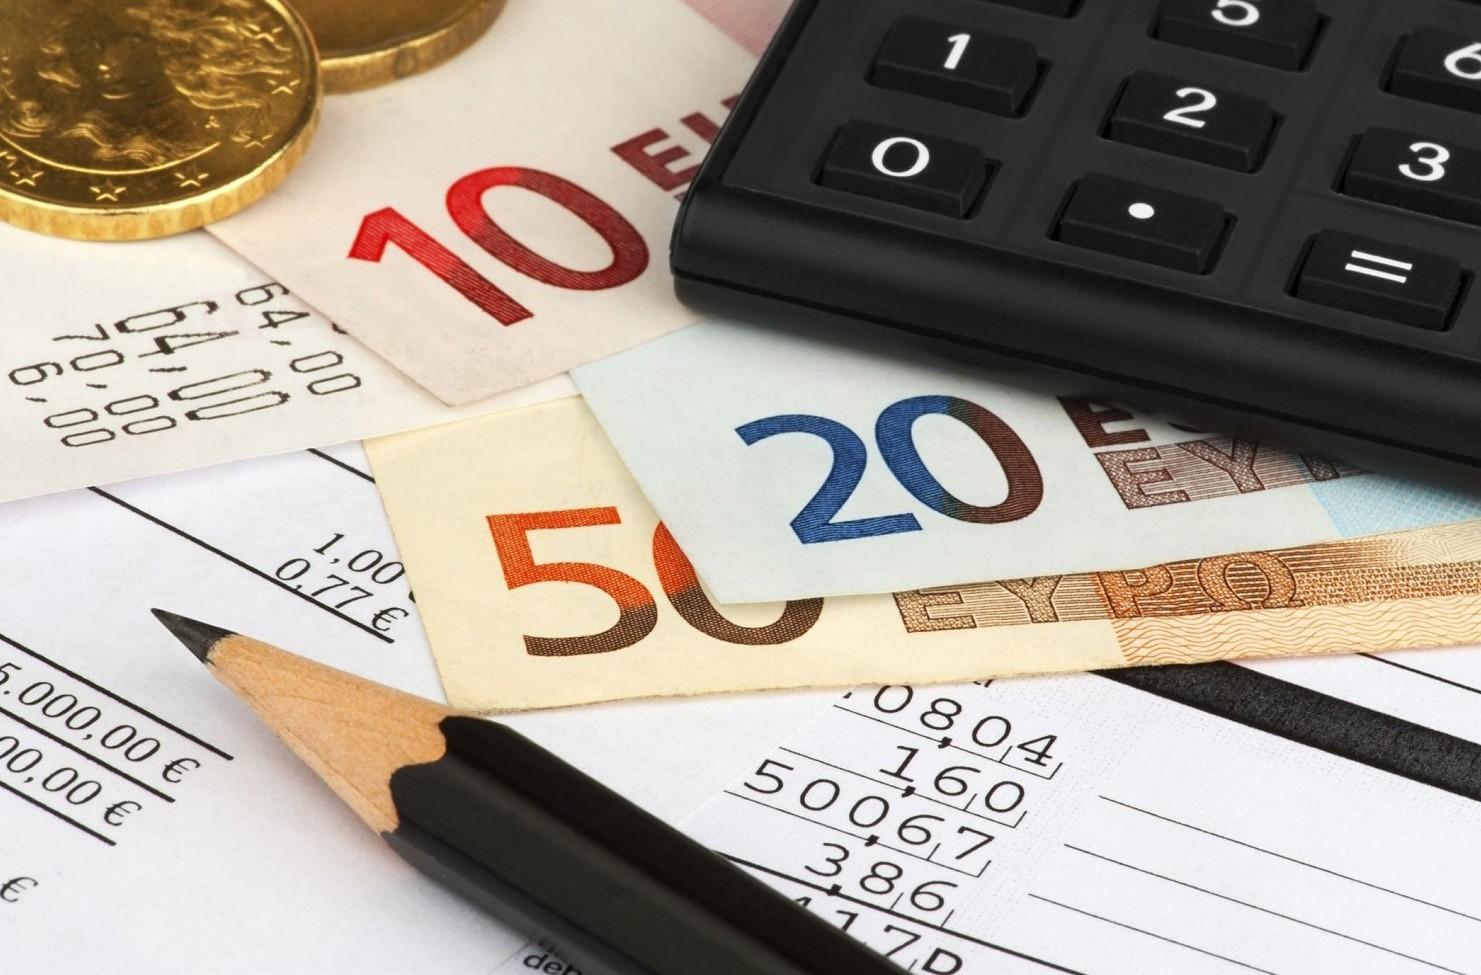 Si può richiedere estratto conto di un conto corrente chiuso. Ed entro quanto tempo massimo